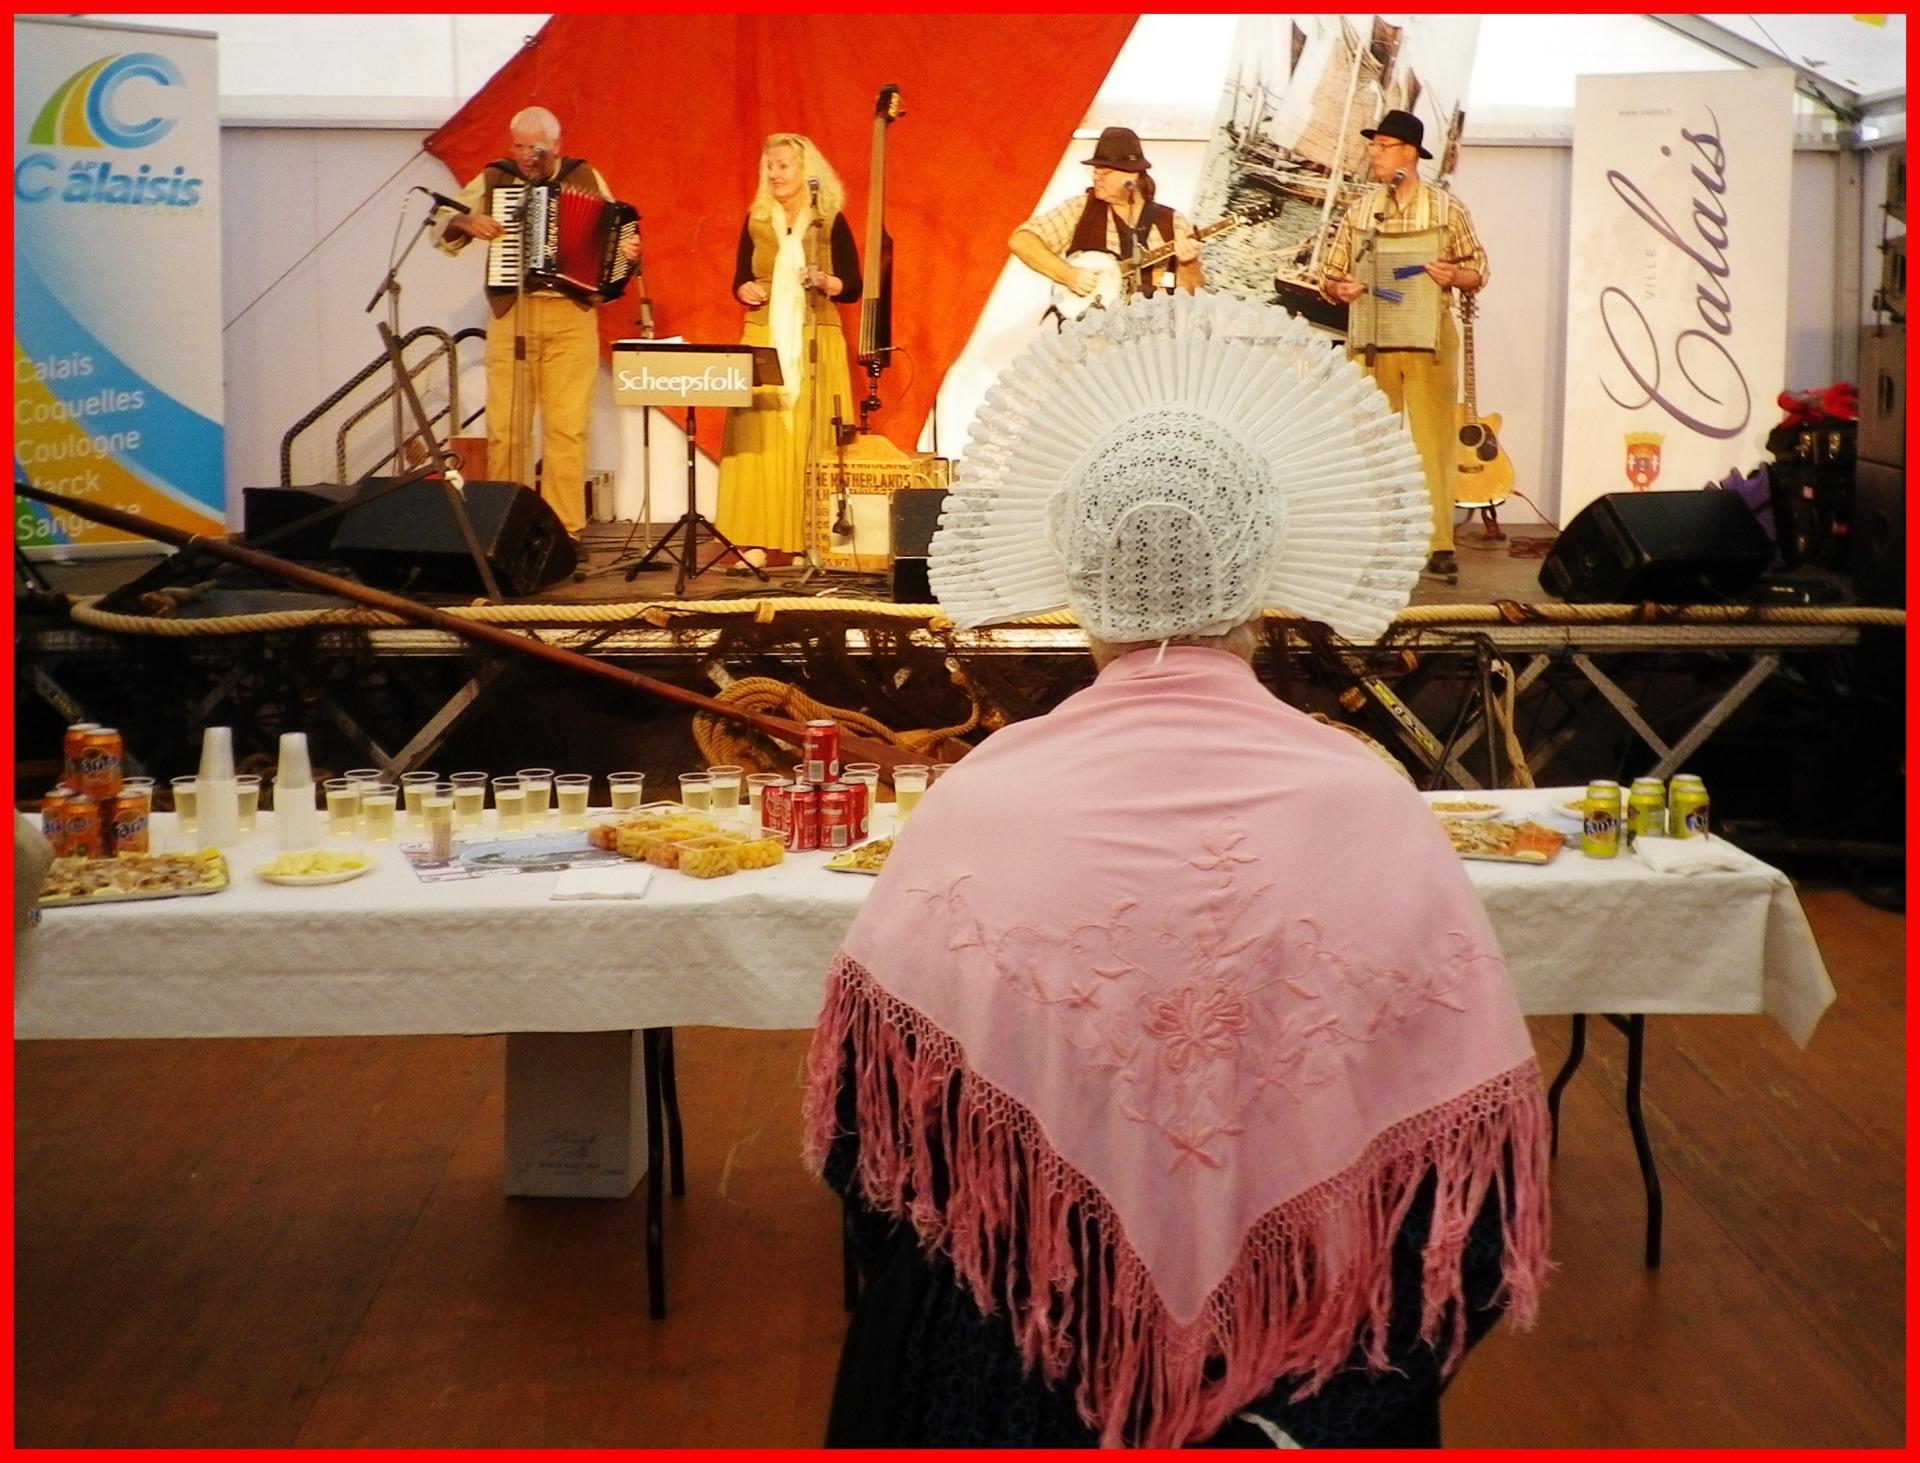 Fete du hareng calais l orchestre encadre